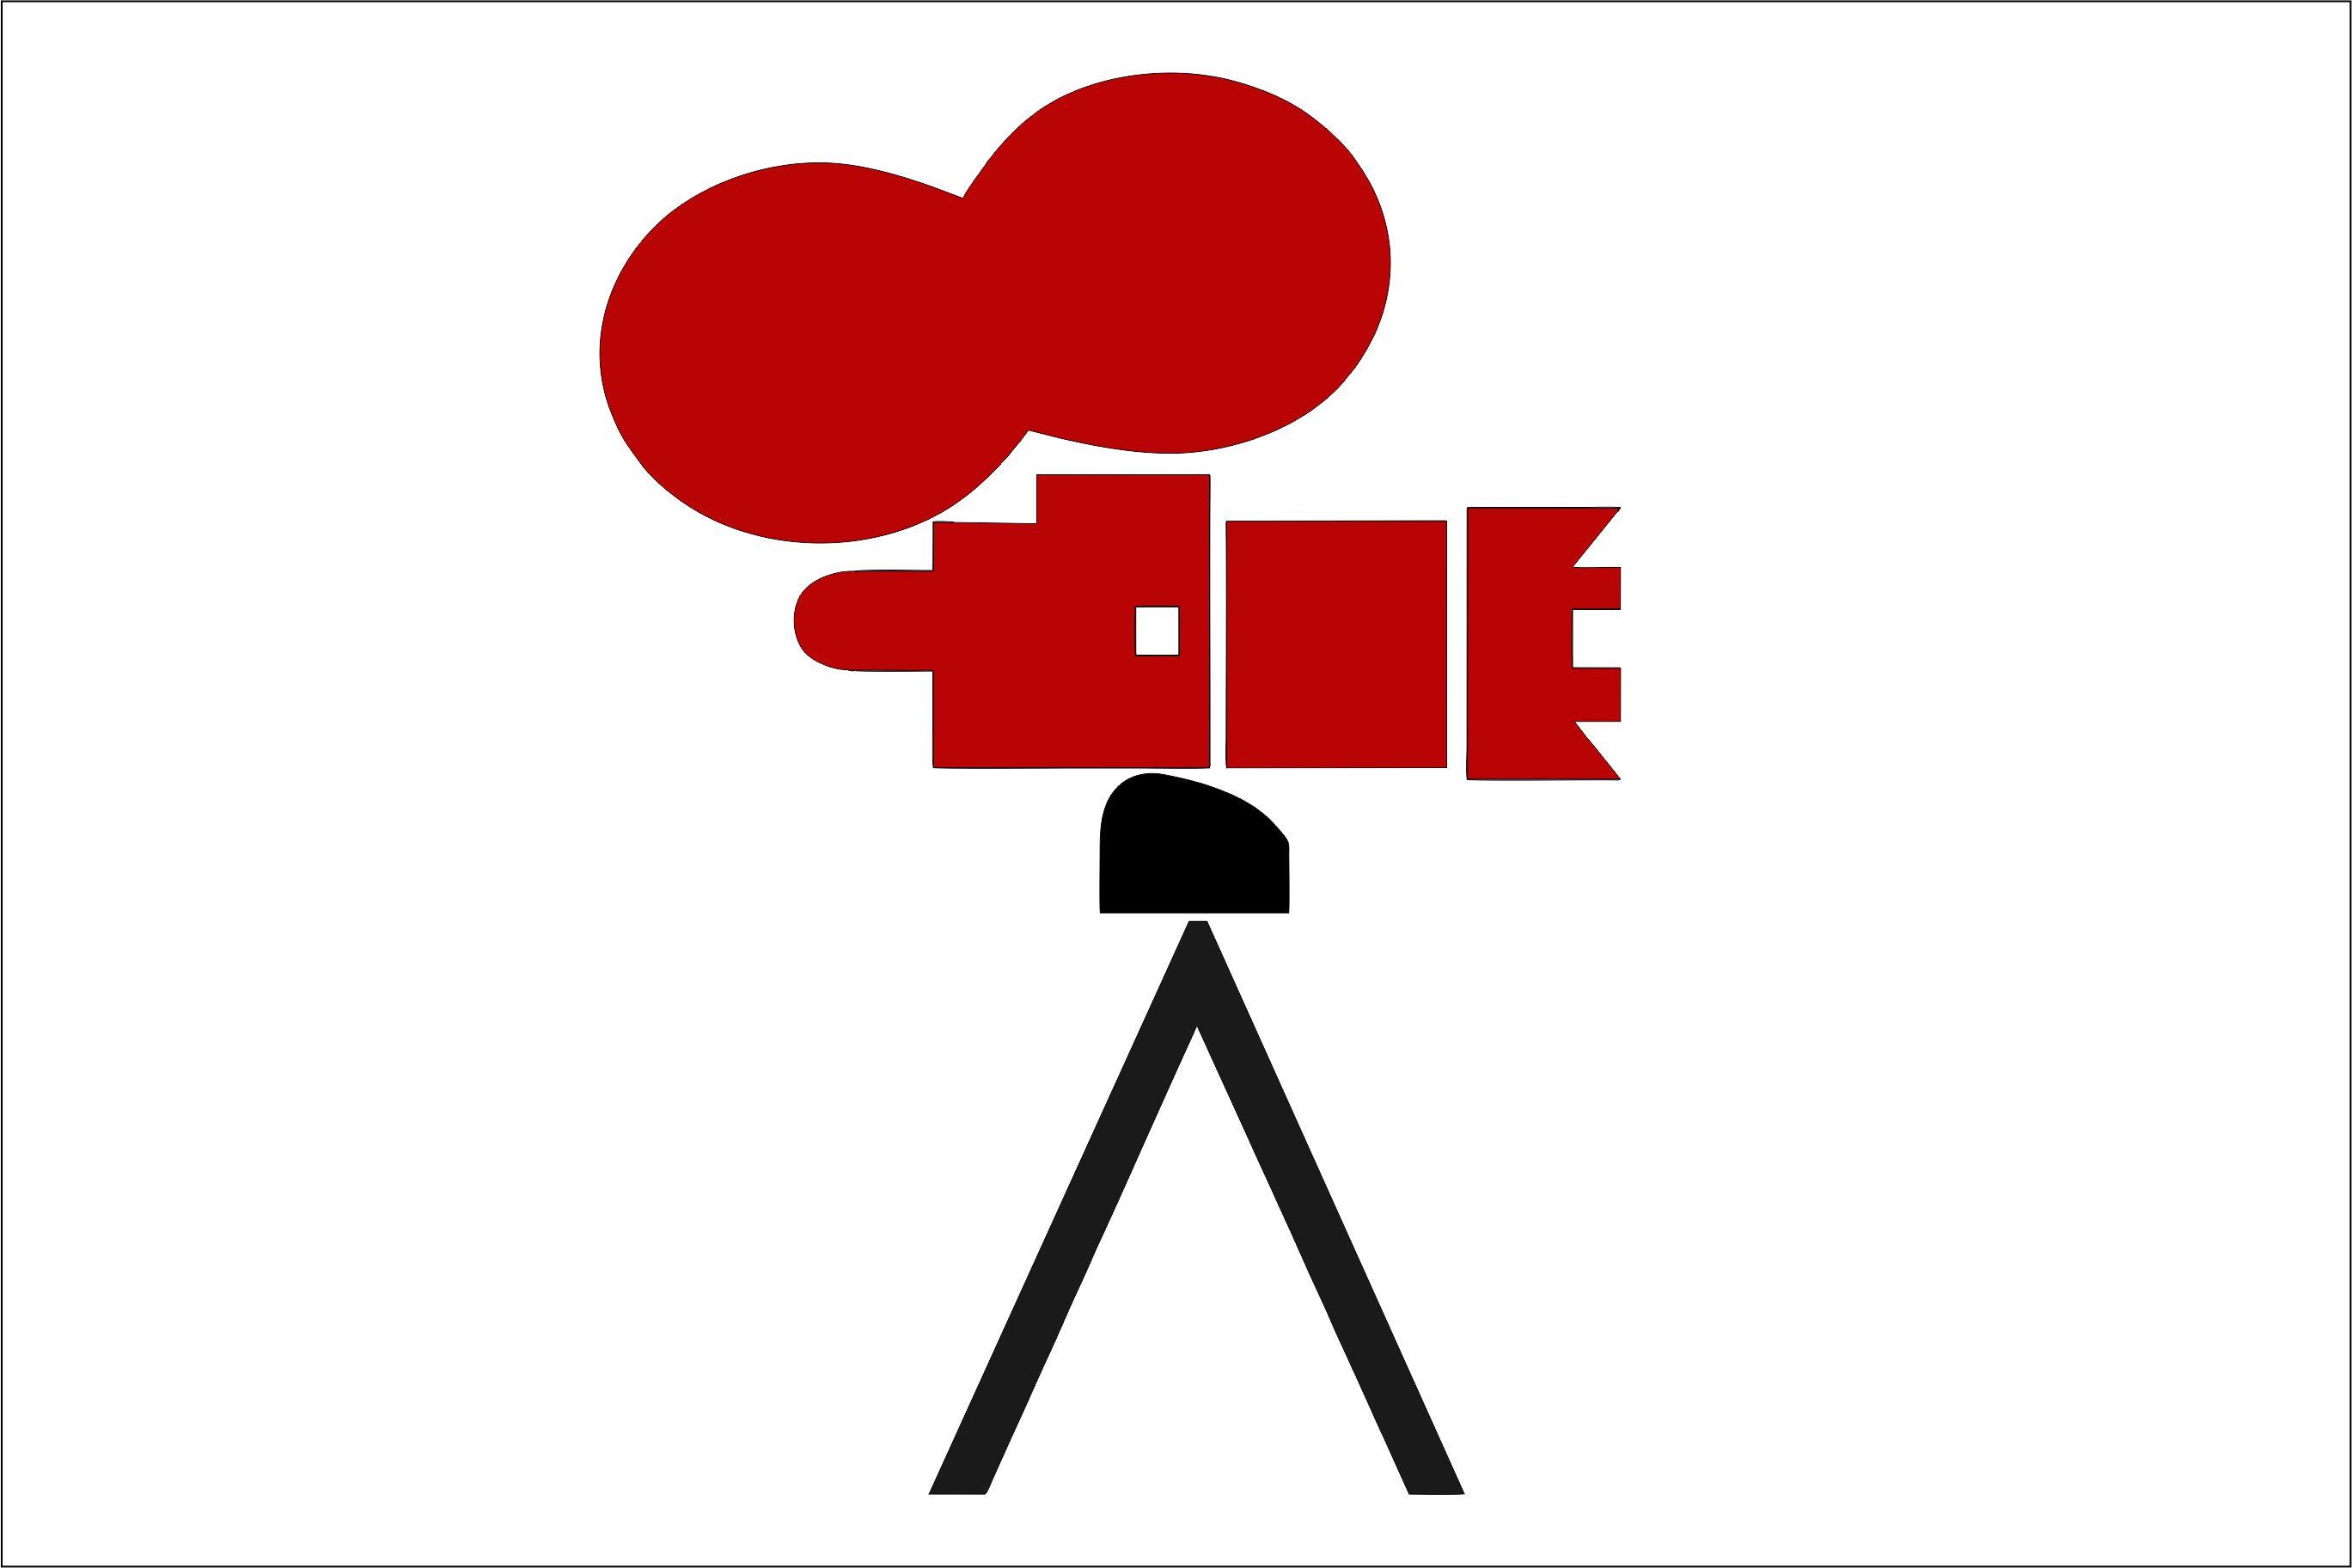 Design Film Camera logo.